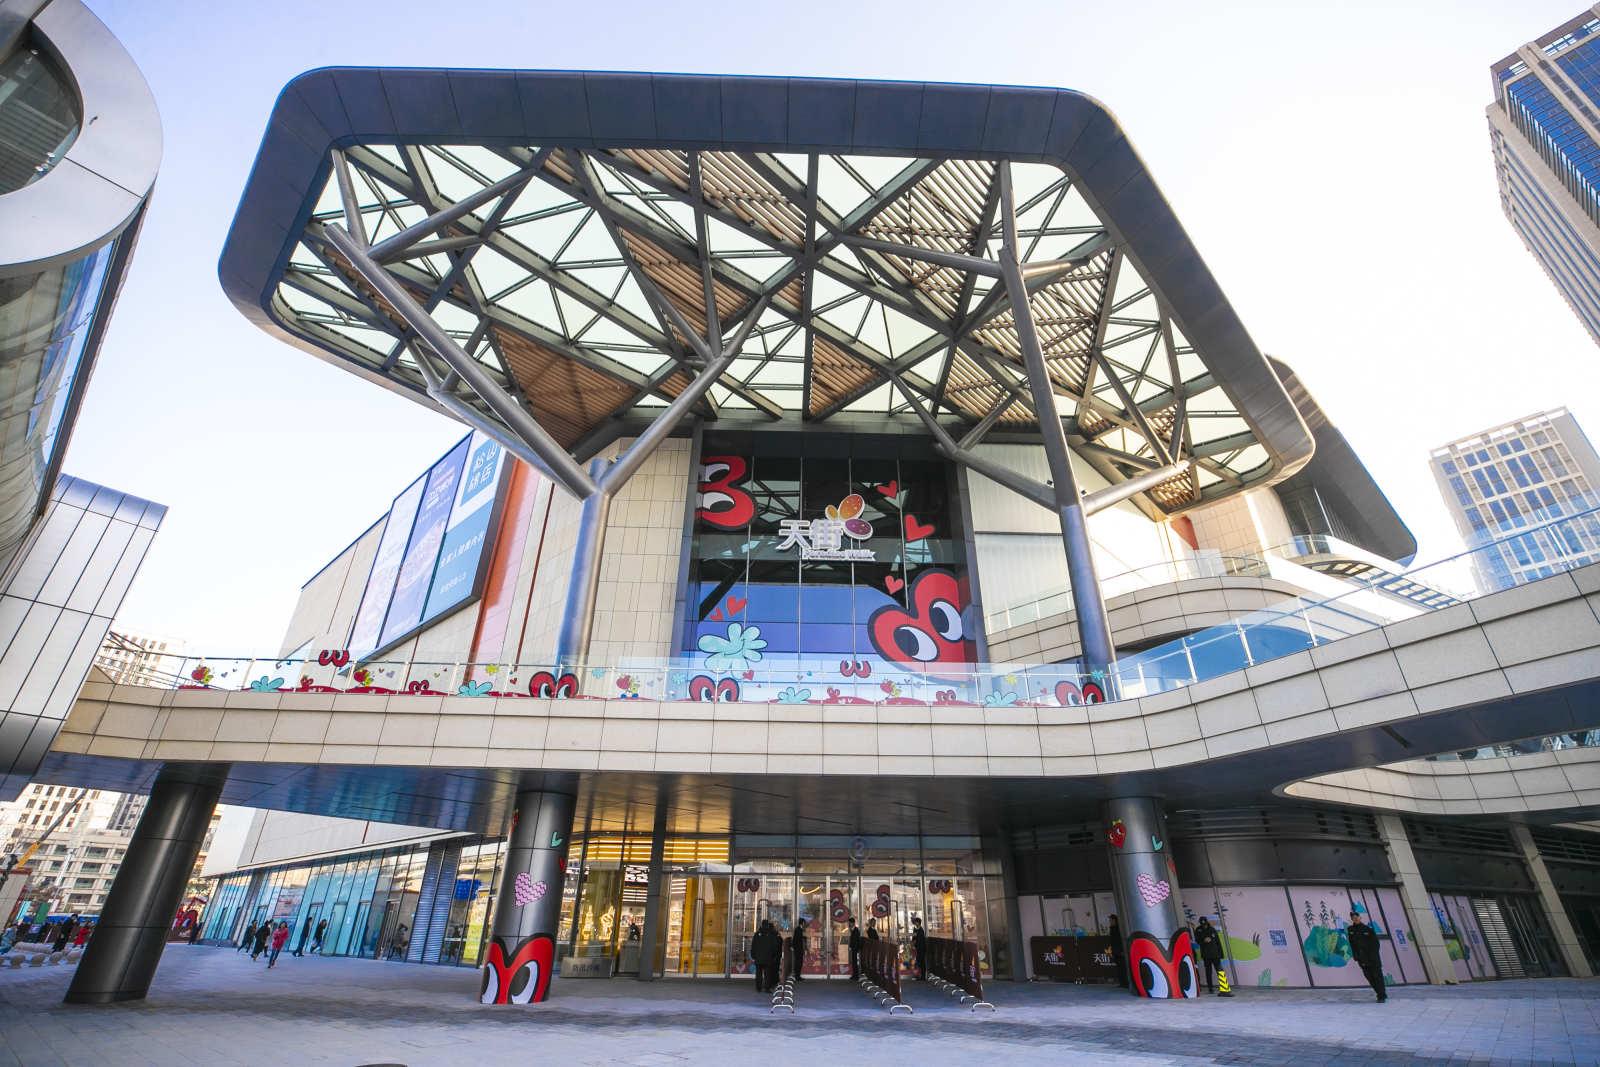 开启京西欢乐时光 北京长安天街11月15日正式开业-中国网地产